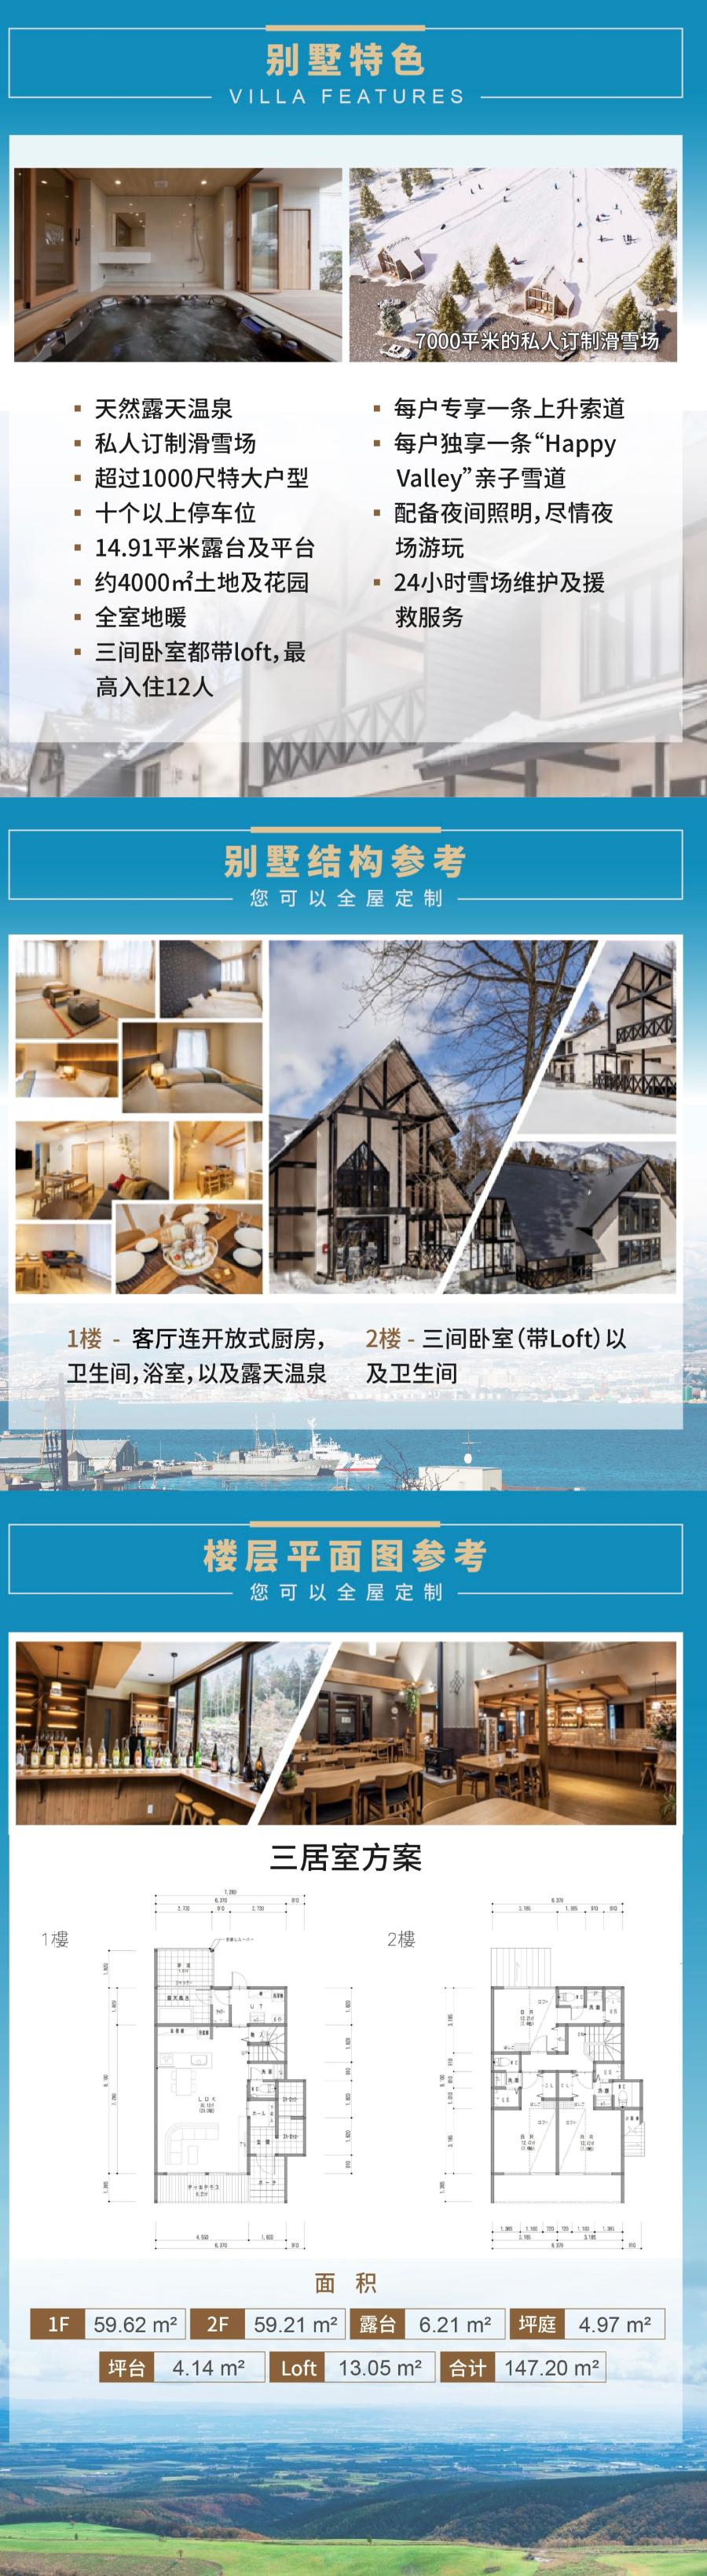 0419-二世谷长海报-01_meitu_2.jpg